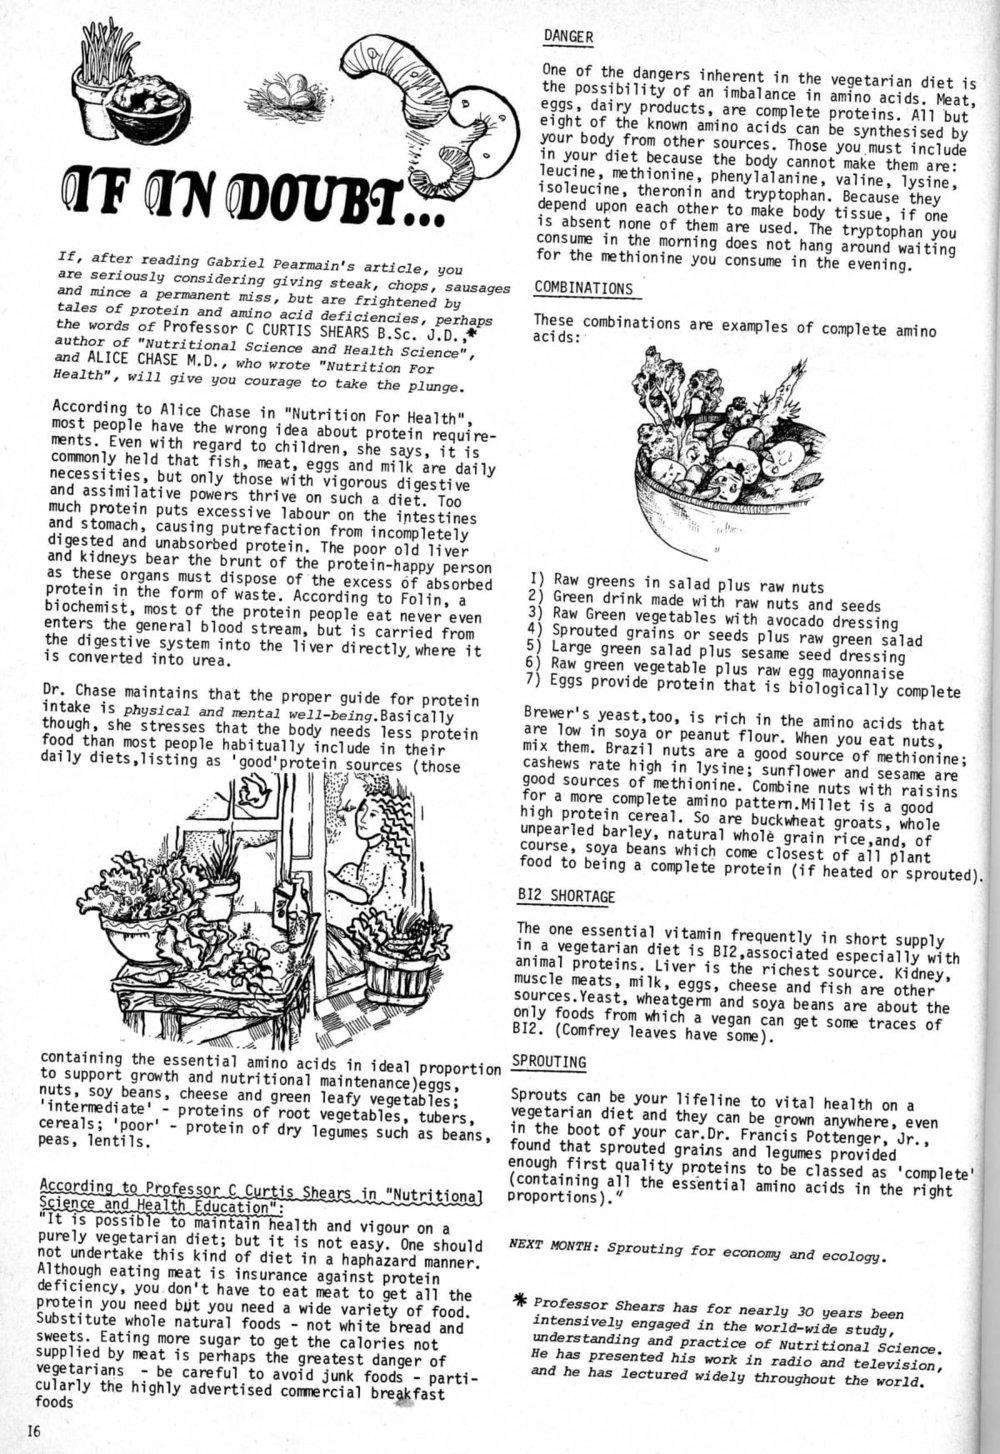 seed-v3-n9-sept1974-16.jpg